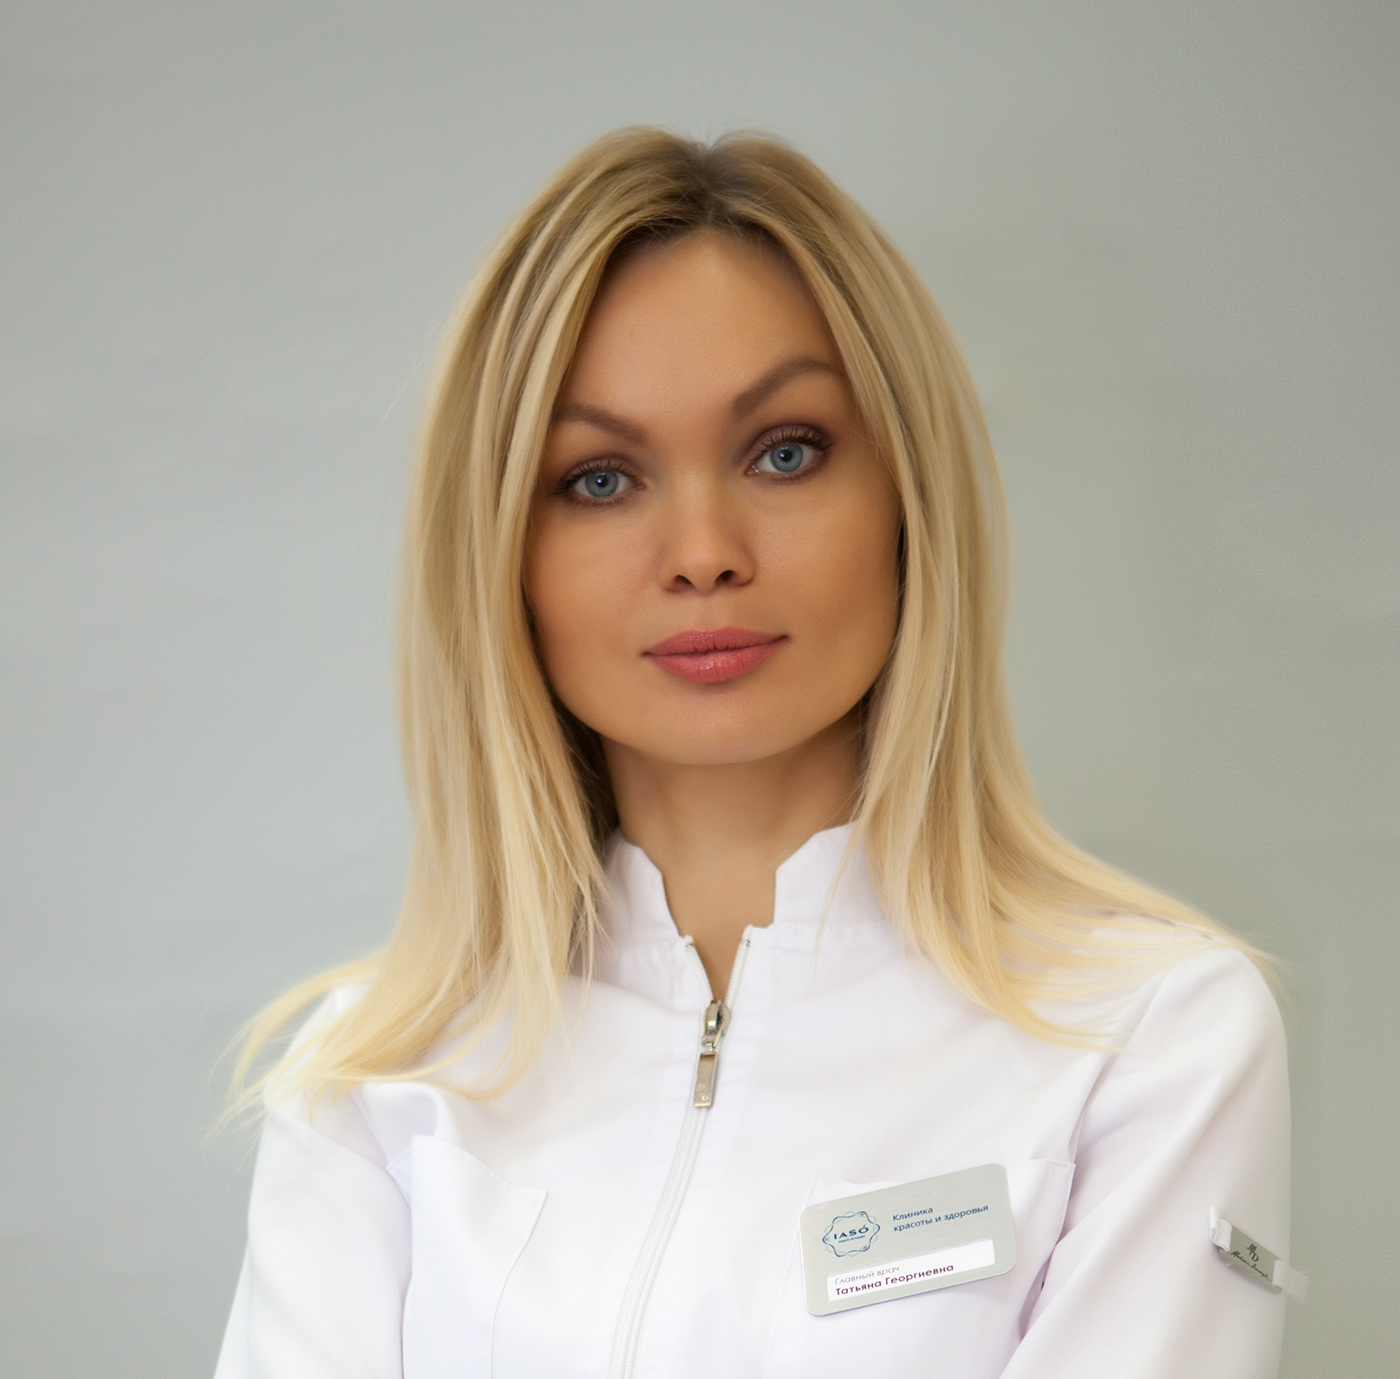 Емельянова Татьяна Георгиевна